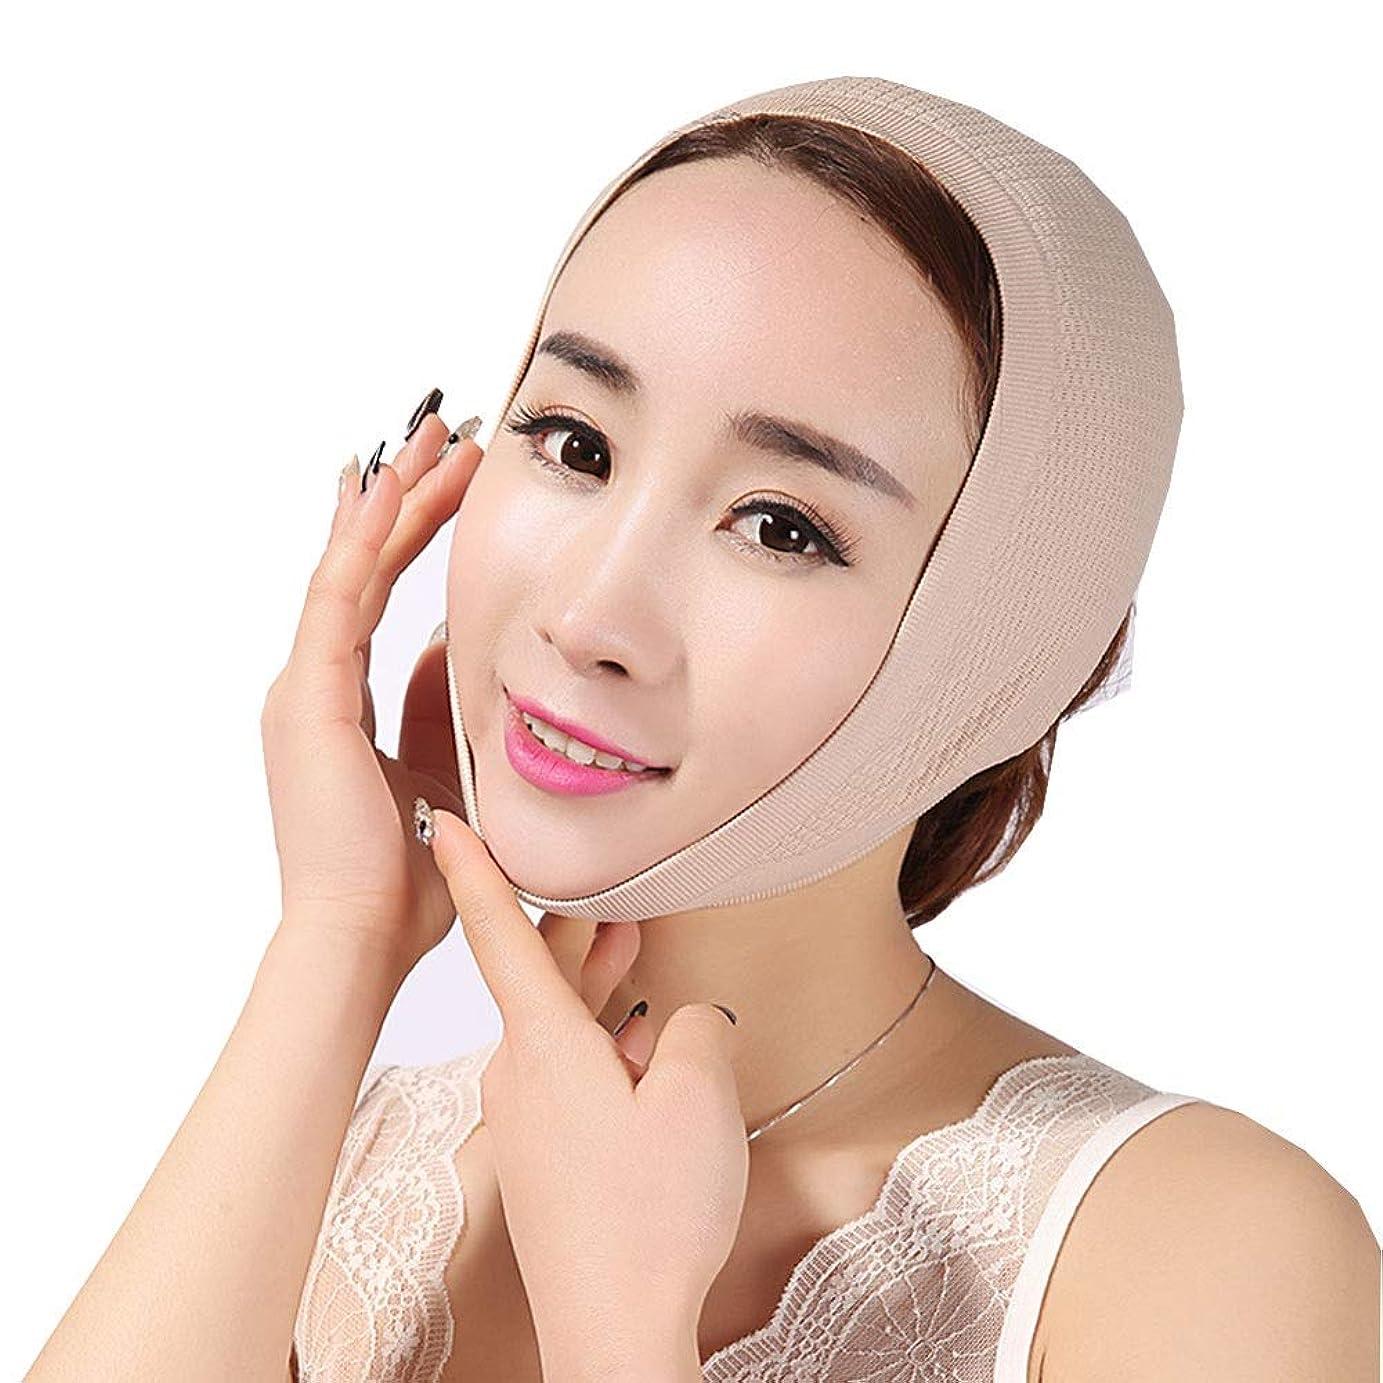 会議裏切り者パッケージJia Jia- フェイスマスクで眠る薄い顔フェイスリフトフェイスリフトアーティファクトスモールフェイスVフェイスリフト付きフェイスフェイス包帯引き上げジョーセット 顔面包帯